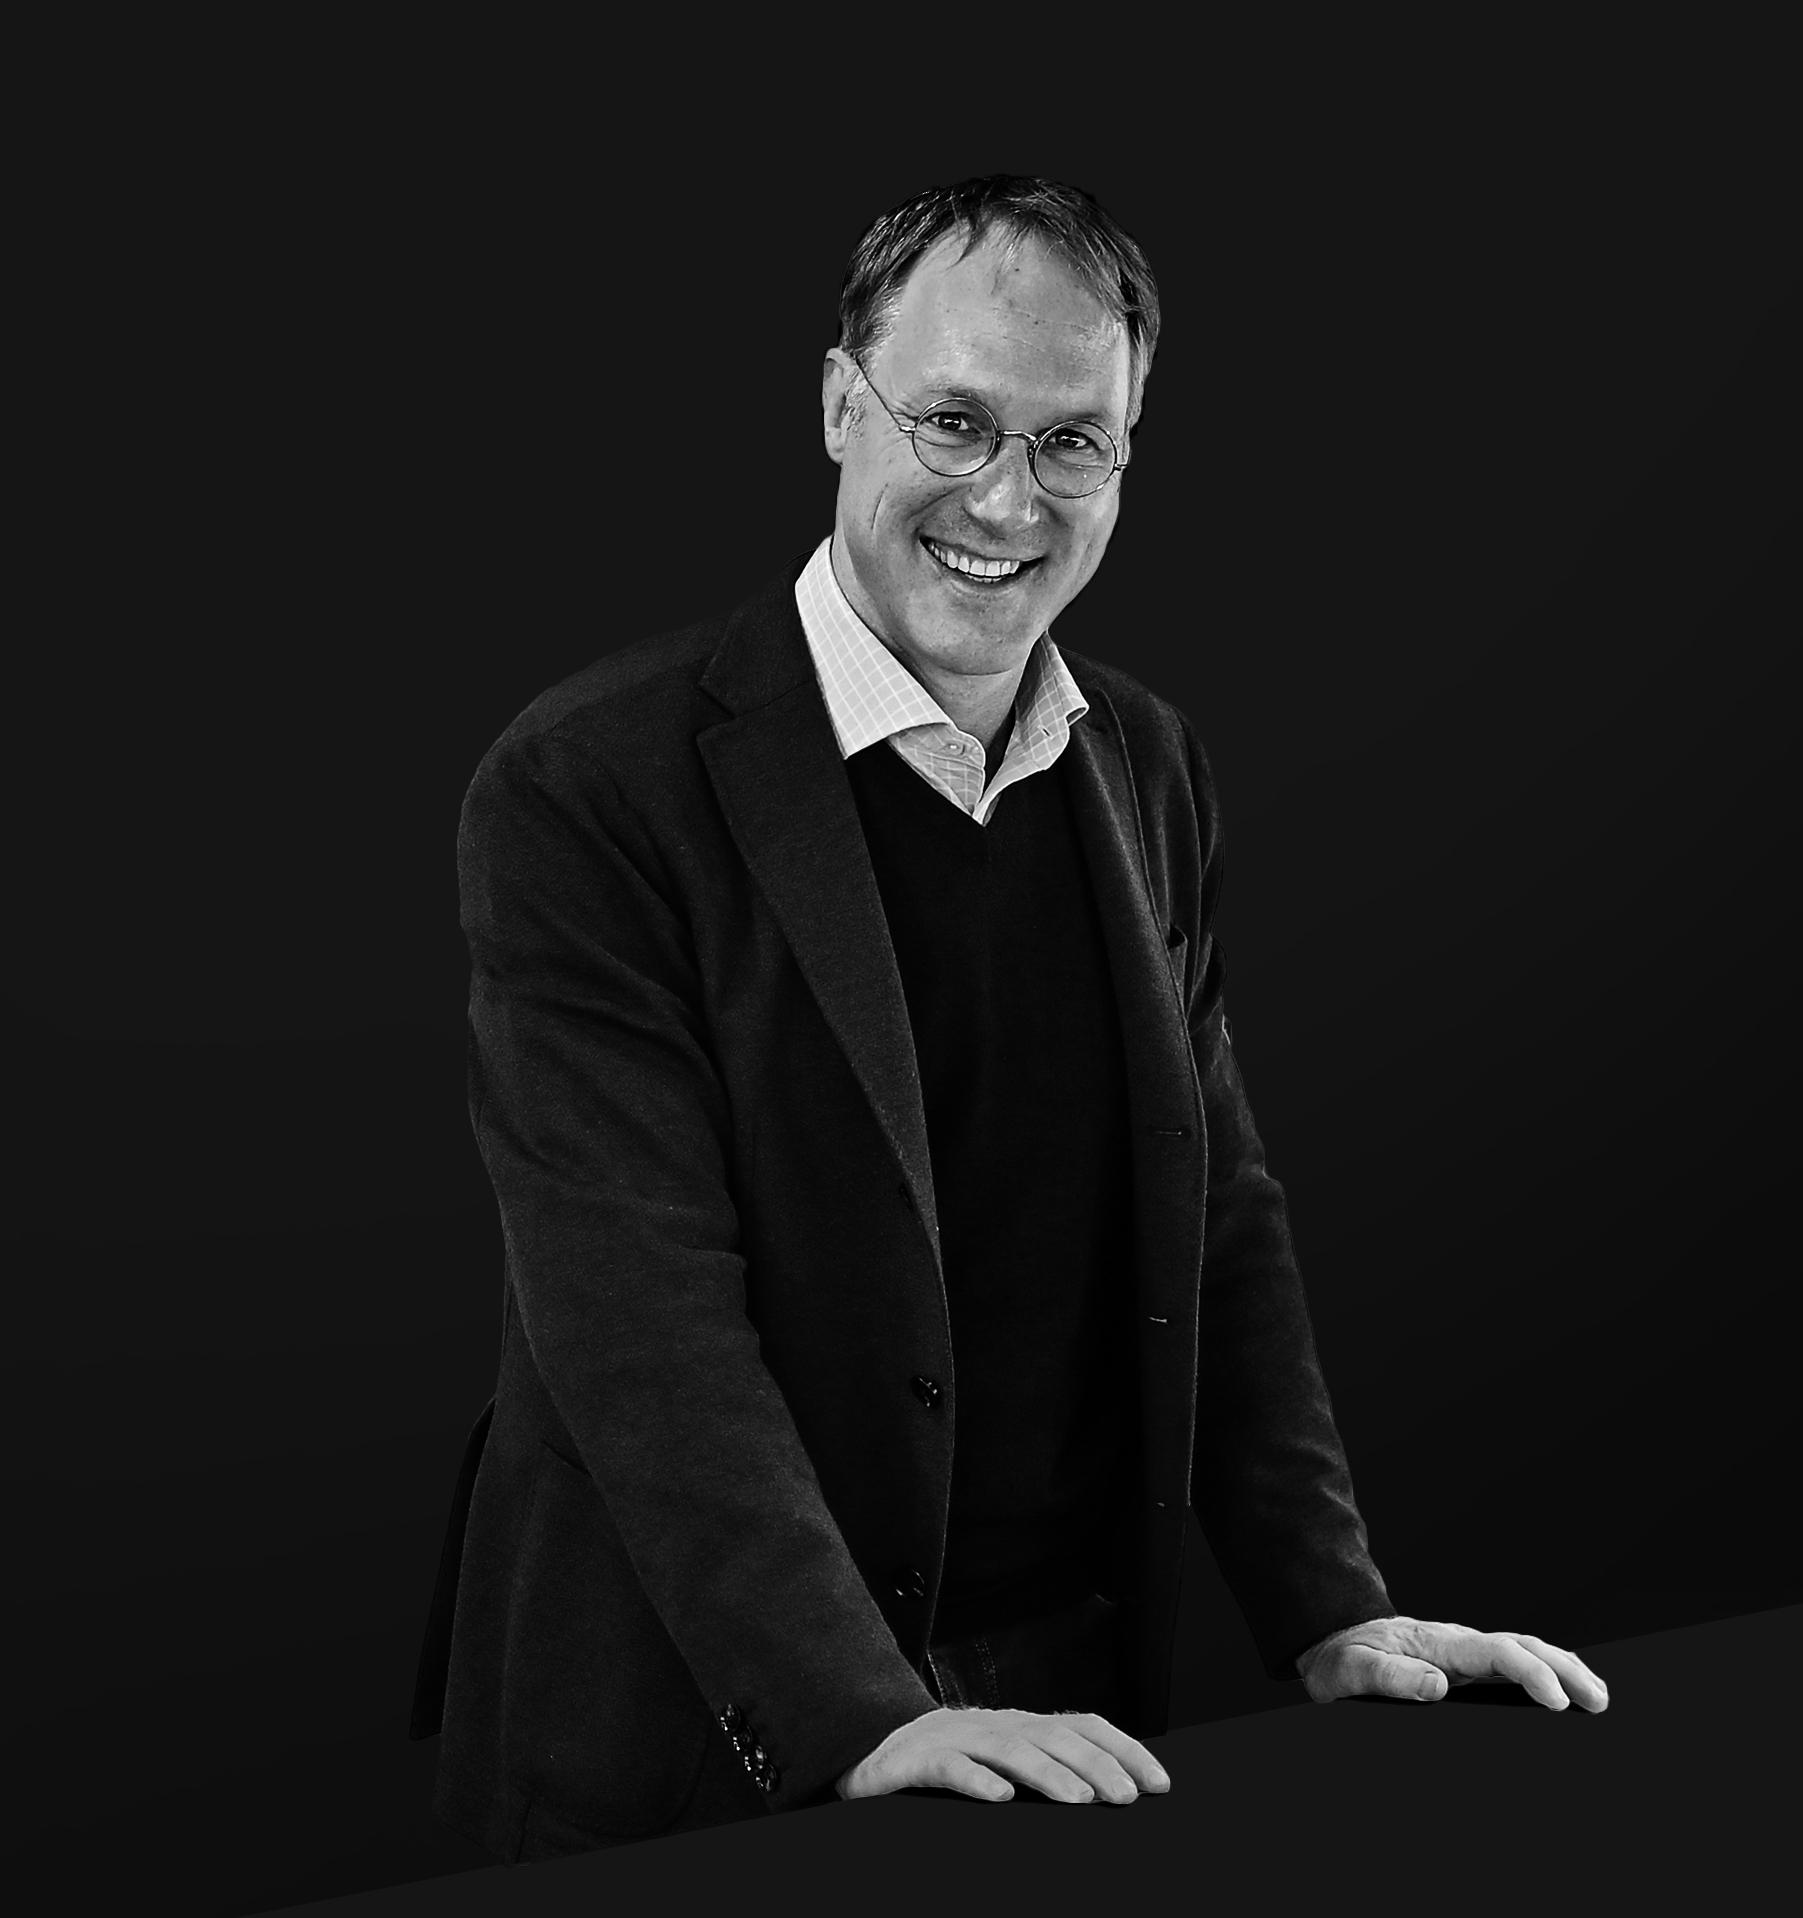 Alexander Rampf